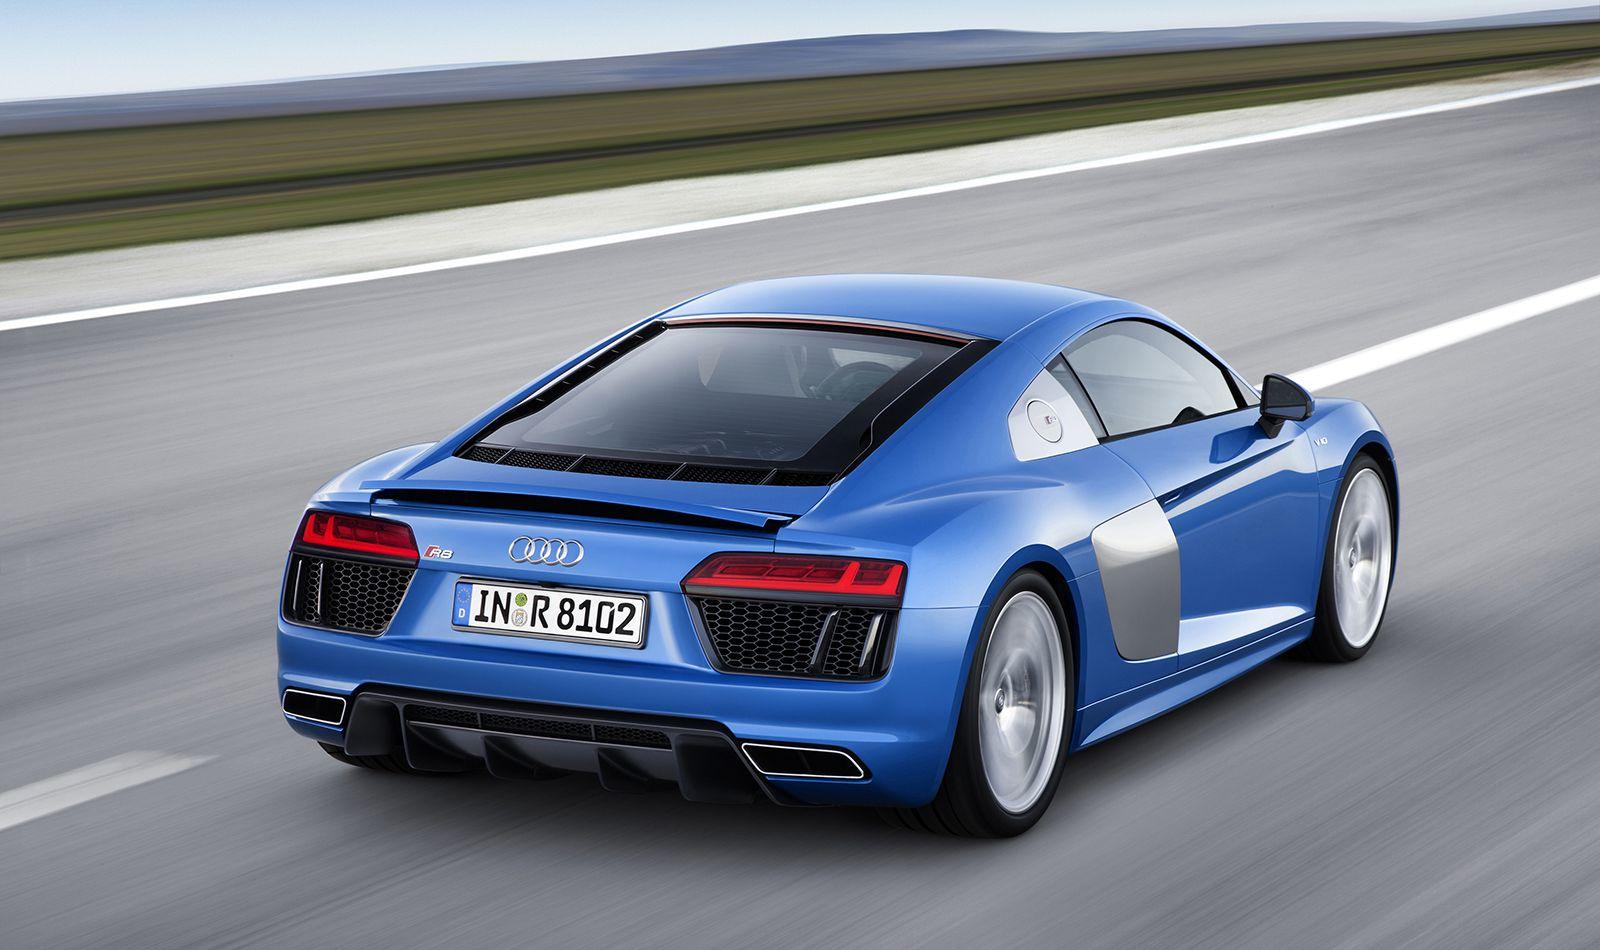 Audi R8 V10 quattro blau schräg rechts hinten fahrend